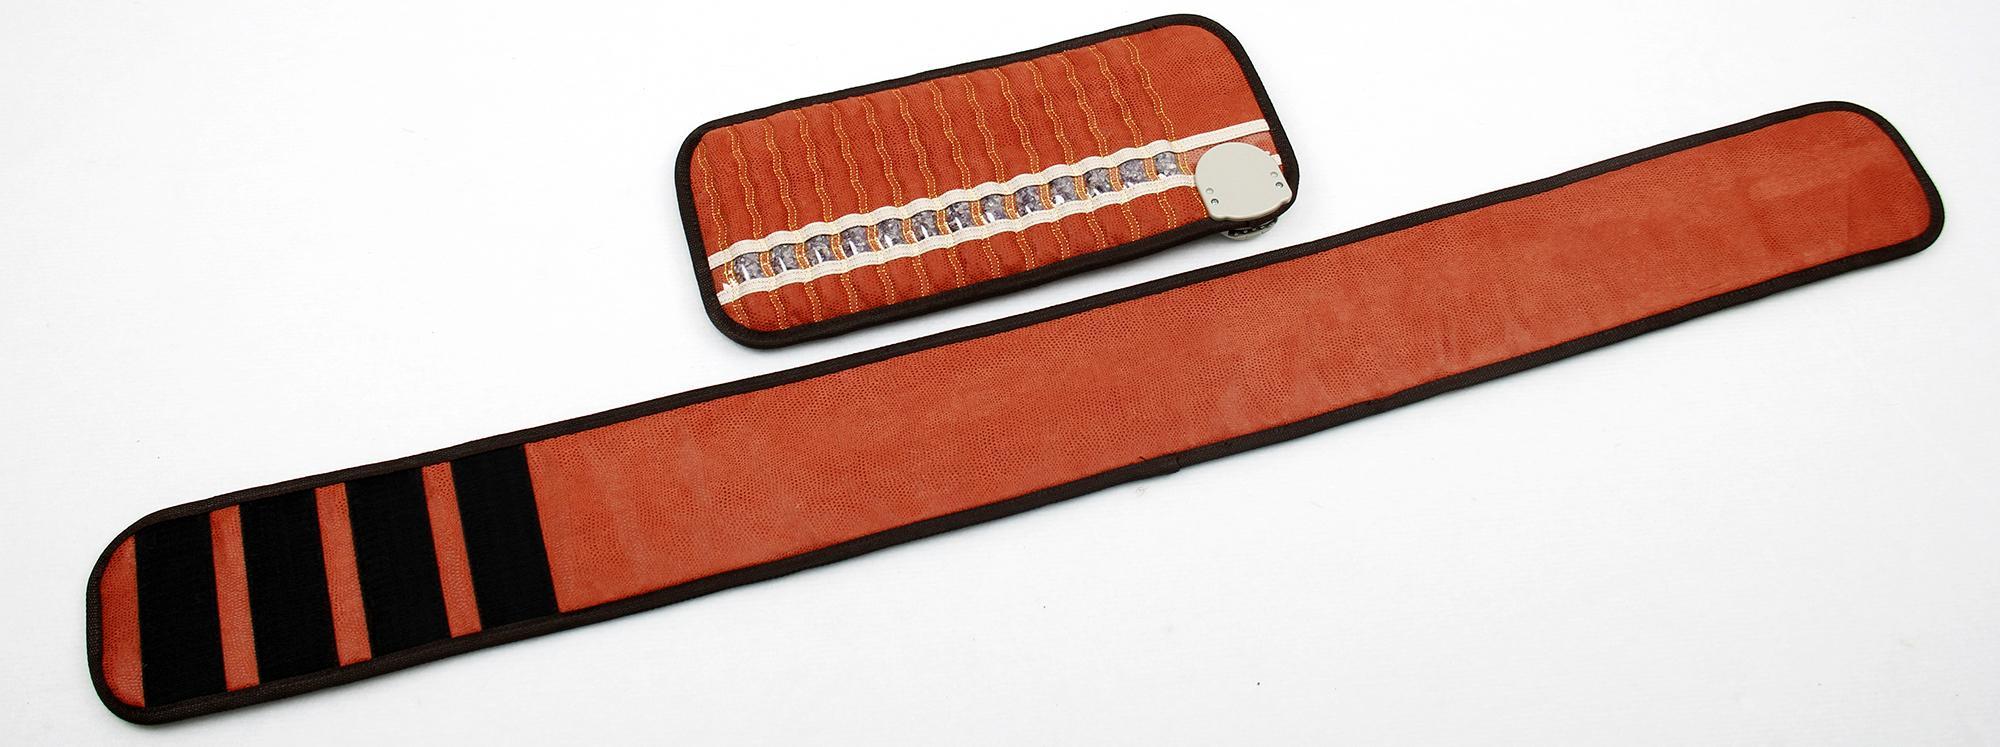 mats with bio controller rich infrared brown ereada products amethyst mat fir far pro